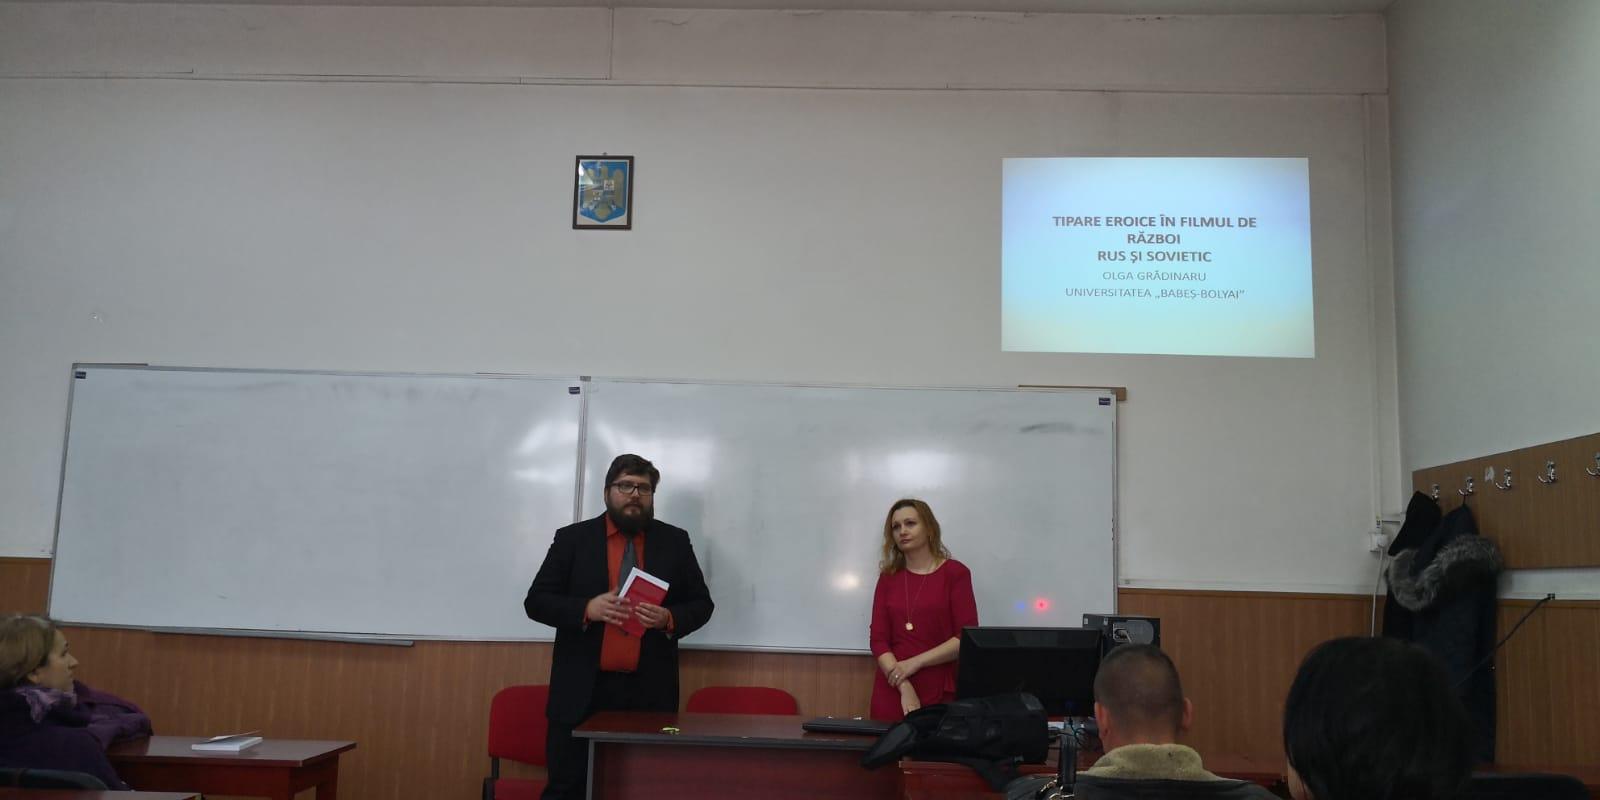 Conferinta si lansare carte (3)